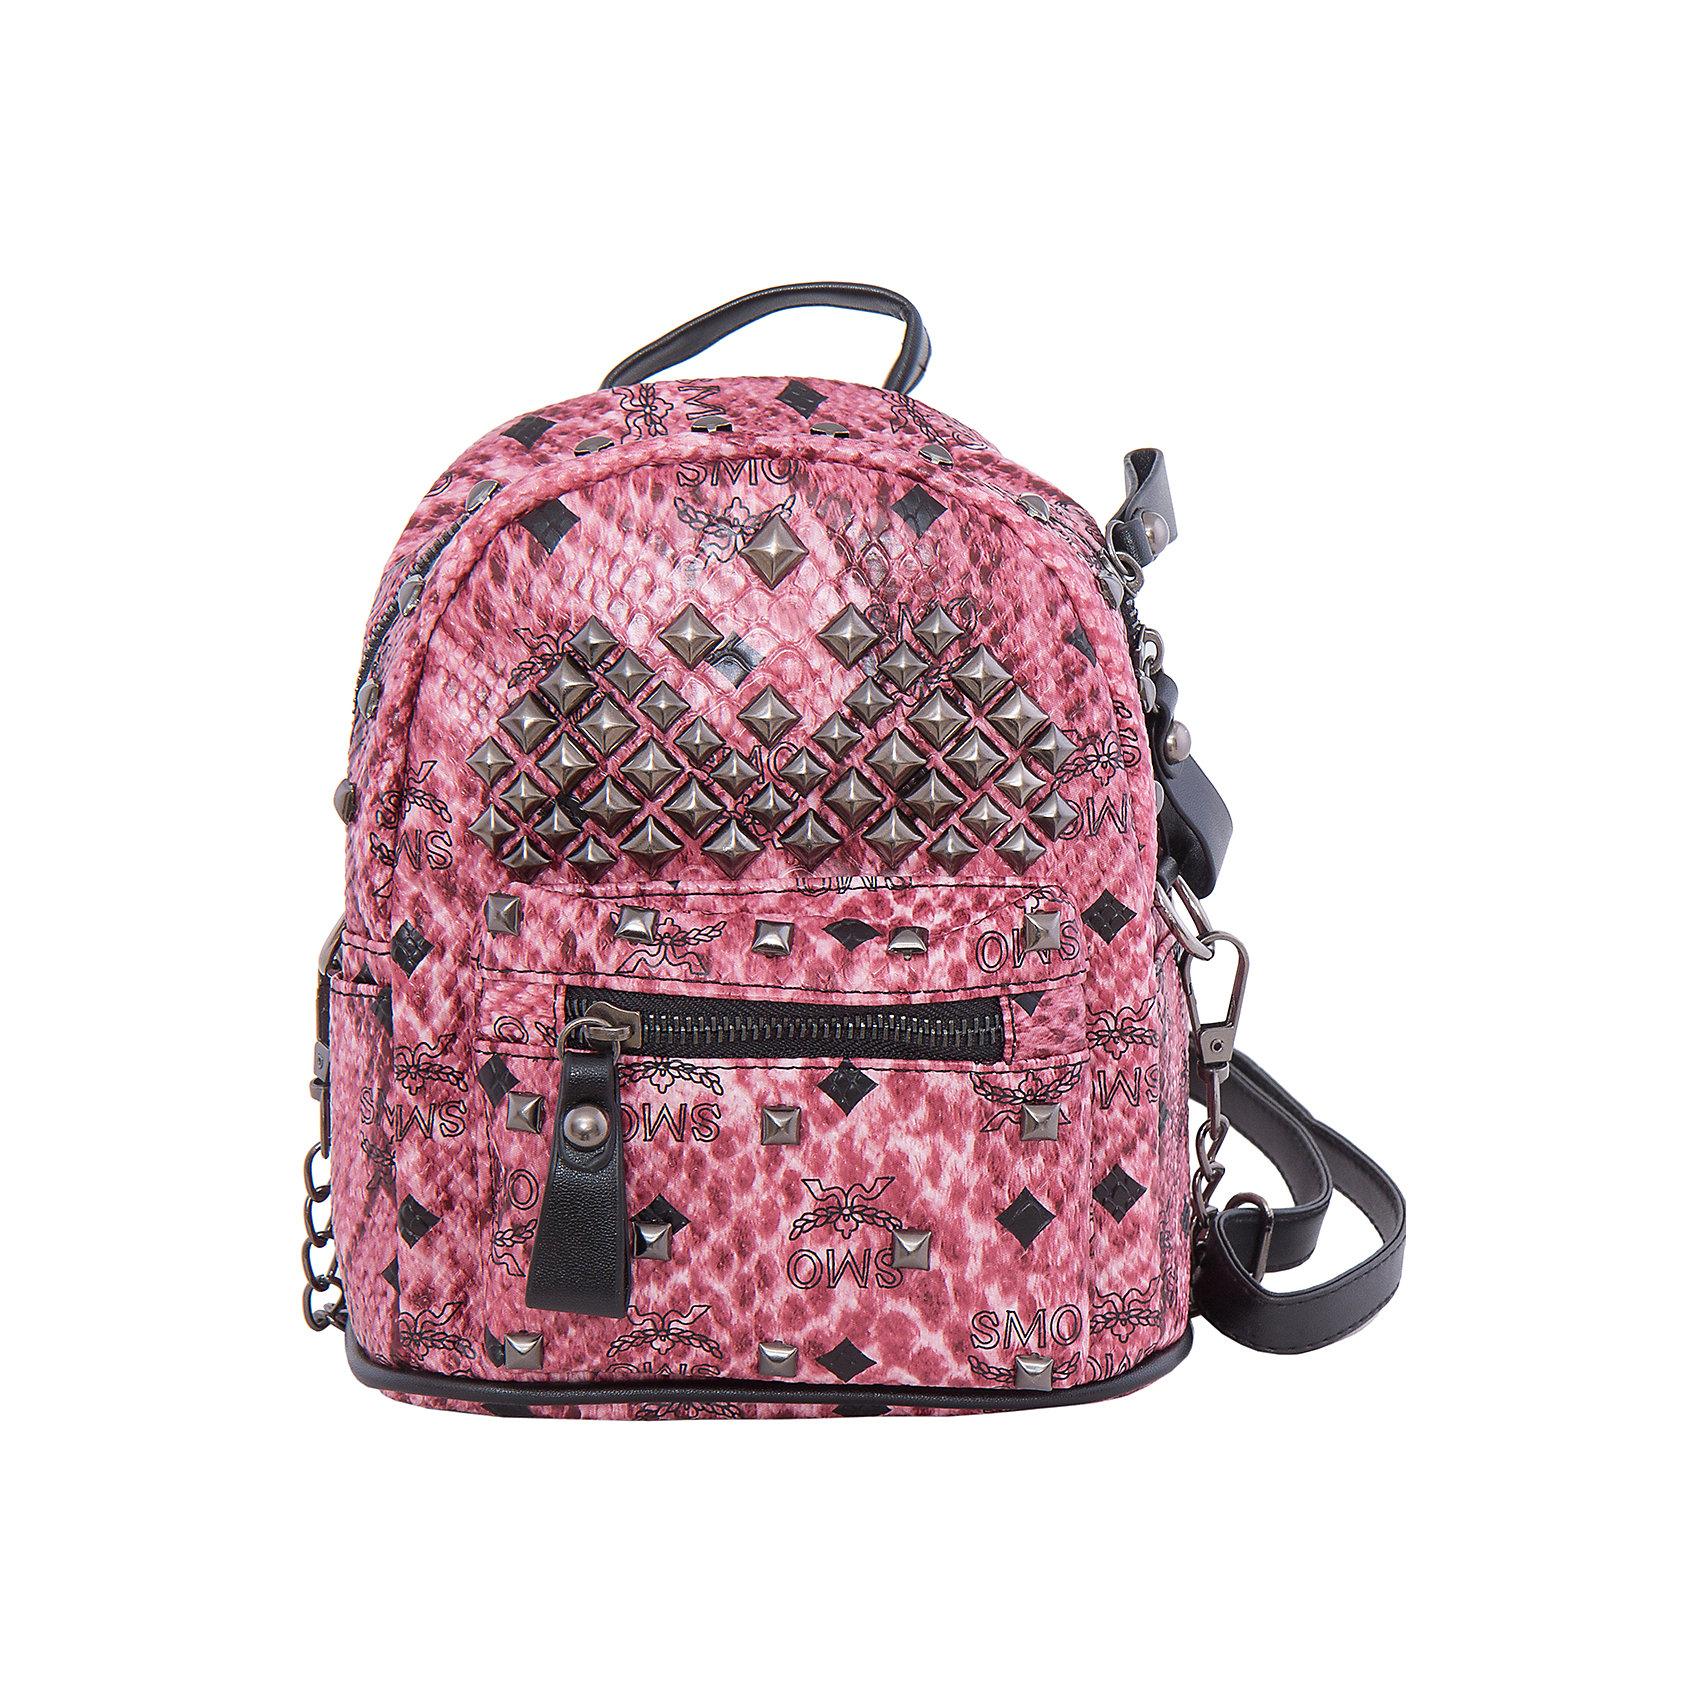 Рюкзак VITACCIАксессуары<br>Характеристики:<br><br>• Тип сумки: рюкзак<br>• Пол: для девочки<br>• Цвет: розовый<br>• Сезон: круглый год<br>• Тематика рисунка: абстракция<br>• Тип застежки: молния<br>• Декоративные элементы: металлические клепки<br>• Лямки регулируются по длине<br>• Одно отделение с дополнительными кармашками<br>• Предусмотрена ручка-петля<br>• Спереди имеется объемный карман на молнии<br>• Материал: верх – искусственная кожа, подклад – текстиль <br>• Габариты: ширина днища – 16 см, высота – 30 см, глубина – 10,5 см<br>• Вес: 900 г<br>• Особенности ухода: влажная чистка, сухая чистка<br><br>Рюкзак VITACCI от лидера российско-итальянского предприятия, которое специализируется на выпуске высококачественной обуви и аксессуаров как для взрослых, так и для детей. Детские сумки этого торгового бренда изготавливаются с учетом анатомических особенностей детей и имеют эргономичную форму. Форма и дизайн сумок разрабатывается итальянскими ведущими дизайнерами и отражает новейшие тенденции в мире моды. Особенность этого торгового бренда заключается в эксклюзивном сочетании материалов разных фактур и декорирование изделий стильными аксессуарами. <br><br>Рюкзак VITACCI изготовлен из экологически безопасной искусственной кожи. Имеет одно просторное отделение с маленькими кармашками: один с замочком на молнии, второй – для сотового телефона или смартфона. Спереди у рюкзака предусмотрен внешний карман-отделение на застежке молнии и двойные боковые карманы. Лямки регулируются по длине. Рюкзак выполнен в стильном розовом цвете, декорирован металлическими клепками.<br>Рюкзак VITACCI – это стильный аксессуар, который создаст неповторимый образ вашей девочки! <br><br>Рюкзак VITACCI можно купить в нашем интернет-магазине.<br><br>Ширина мм: 170<br>Глубина мм: 157<br>Высота мм: 67<br>Вес г: 117<br>Цвет: розовый<br>Возраст от месяцев: 36<br>Возраст до месяцев: 144<br>Пол: Женский<br>Возраст: Детский<br>Размер: one size<br>SKU: 5347487